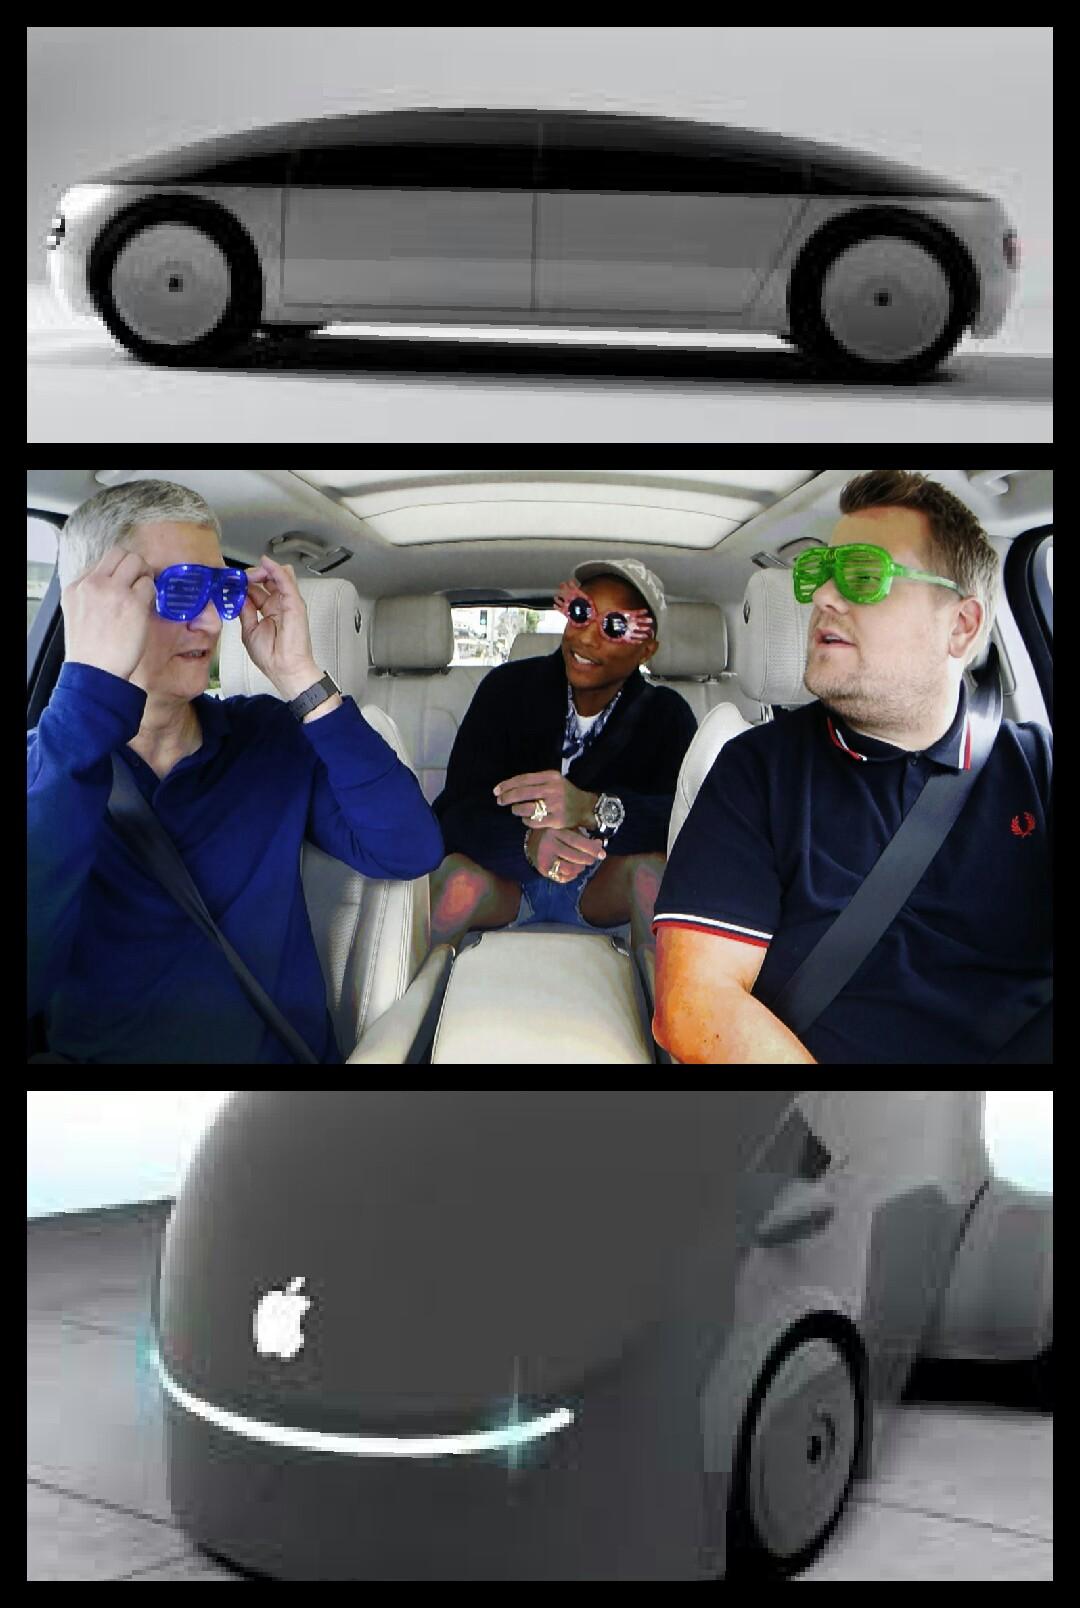 アップルカー 頓挫?